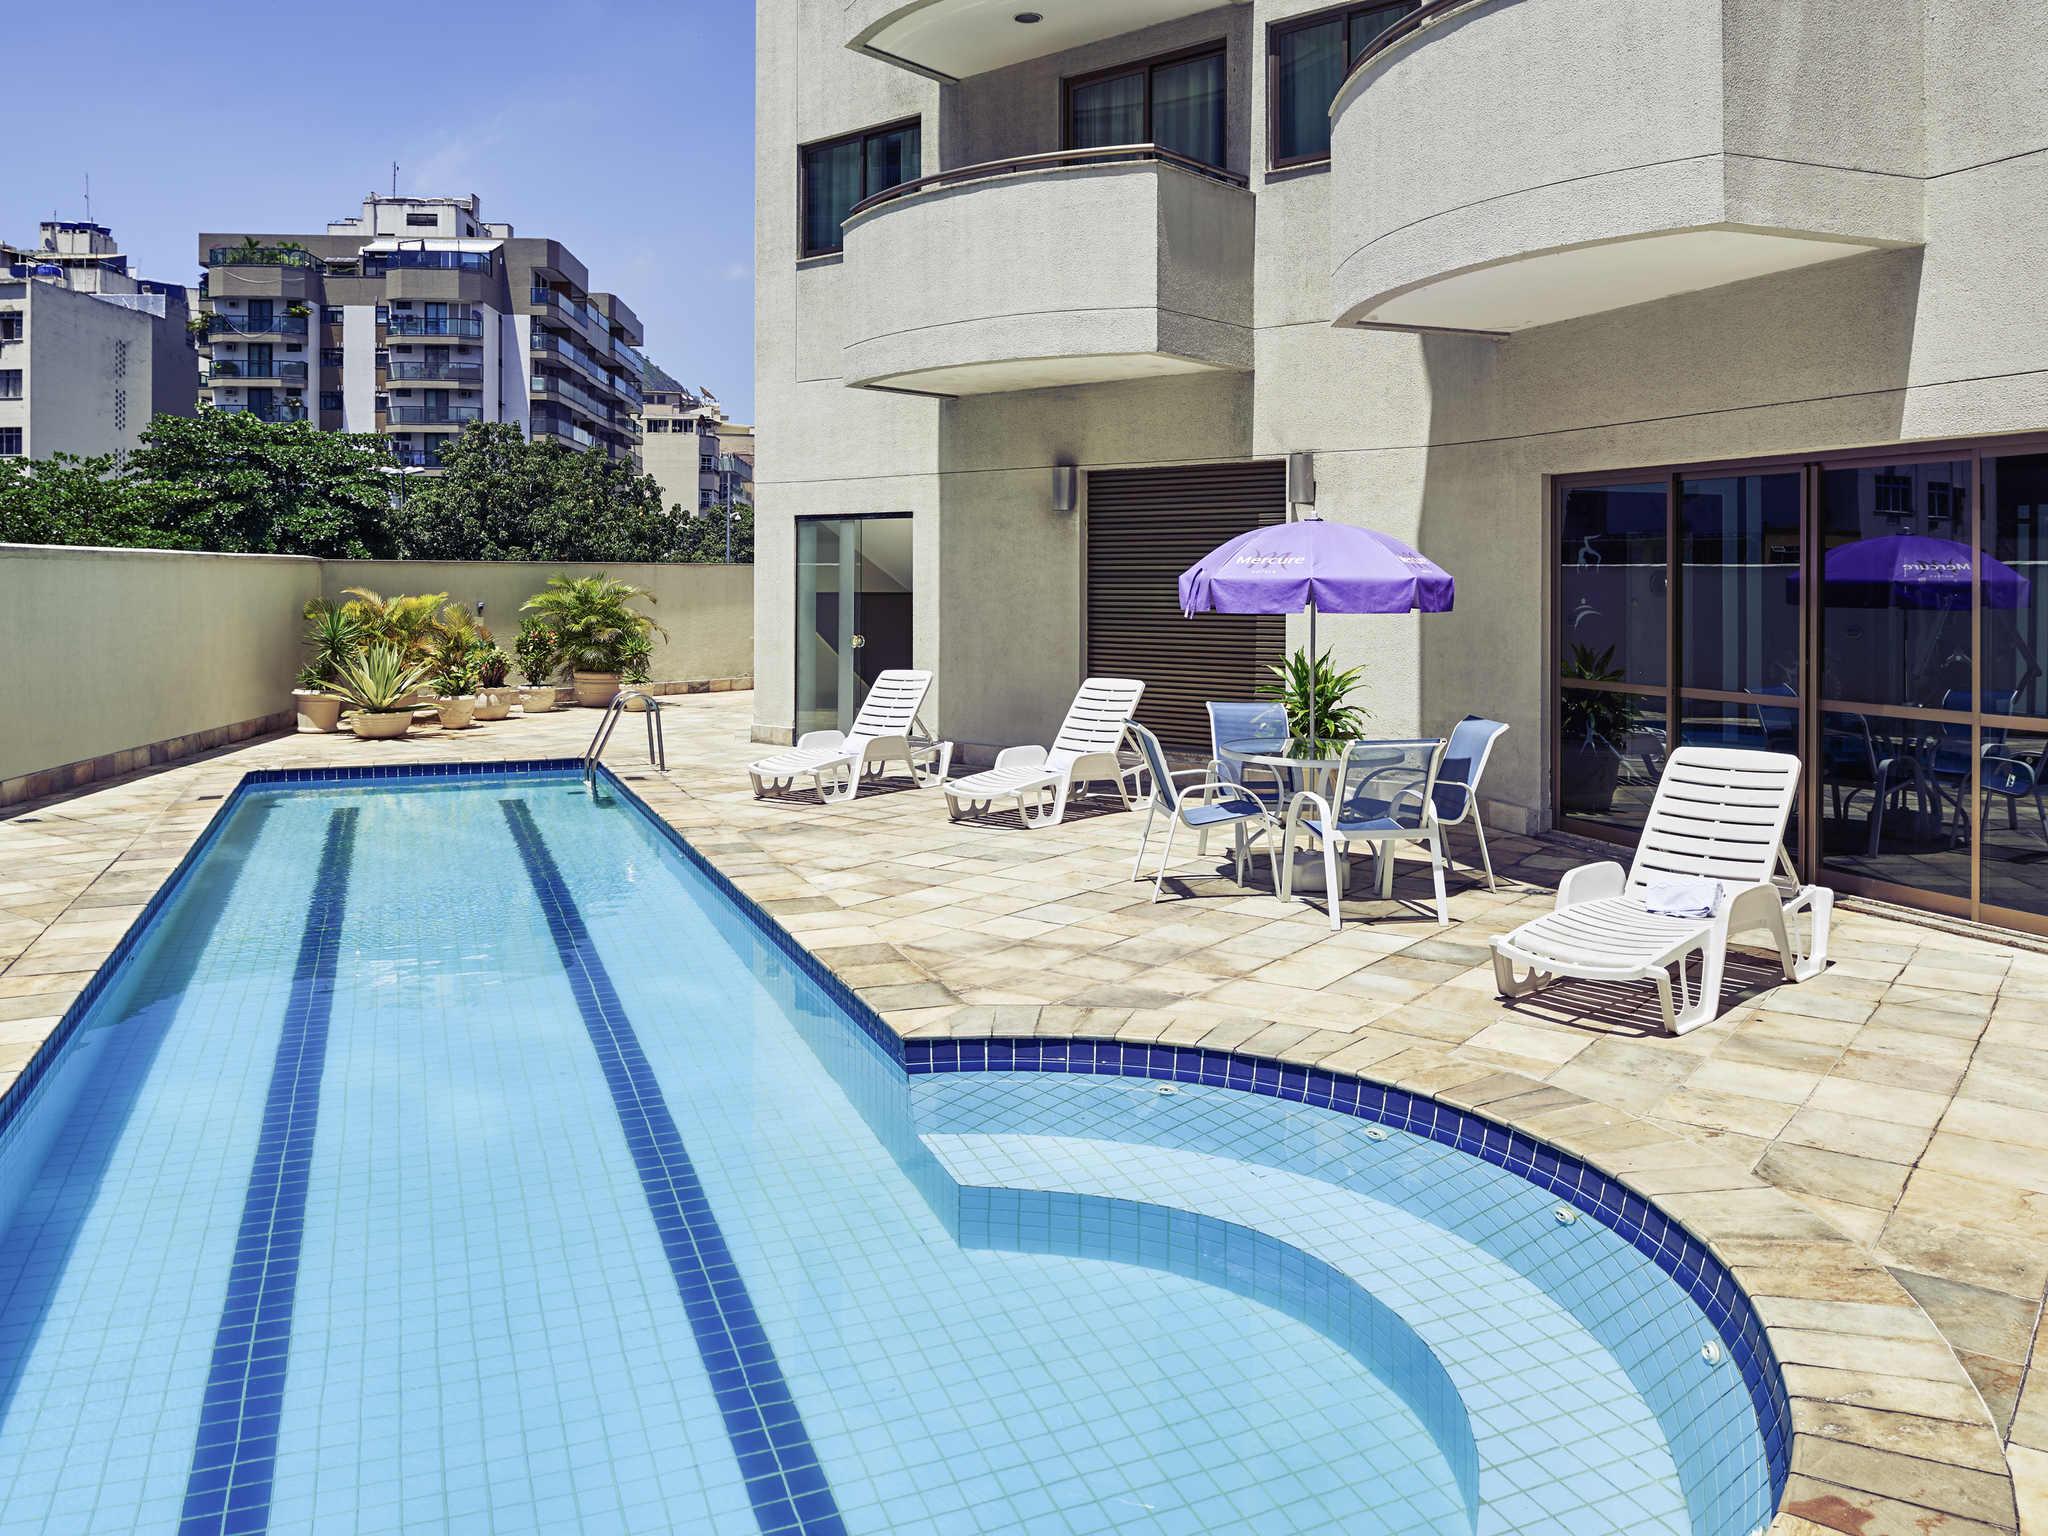 38fce7338f ... Hotel - Mercure Rio de Janeiro Botafogo Mourisco Hotel ...